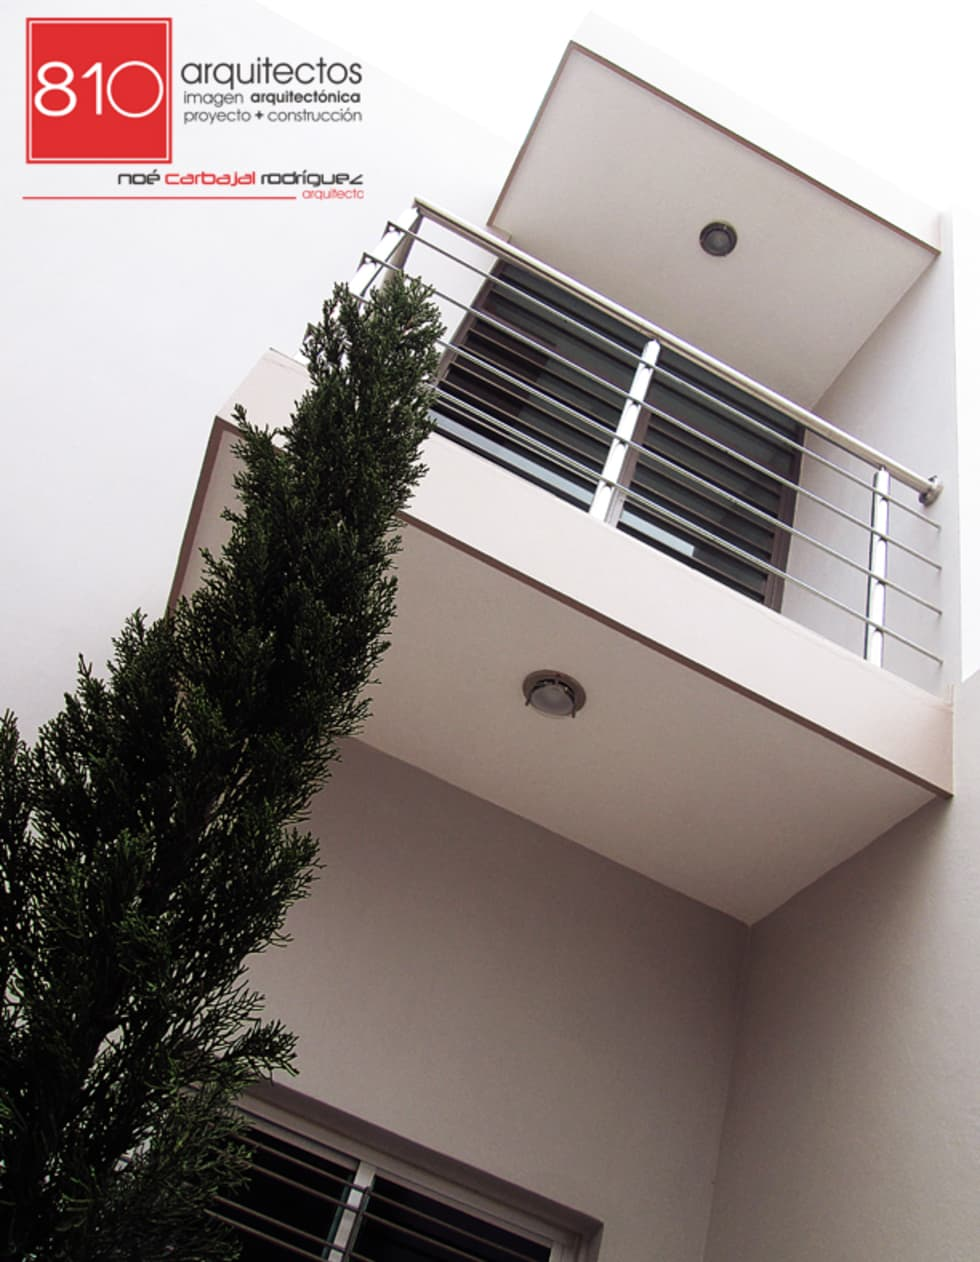 Casa Habitación. Amézquita Córdova: Casas de estilo moderno por 810 Arquitectos